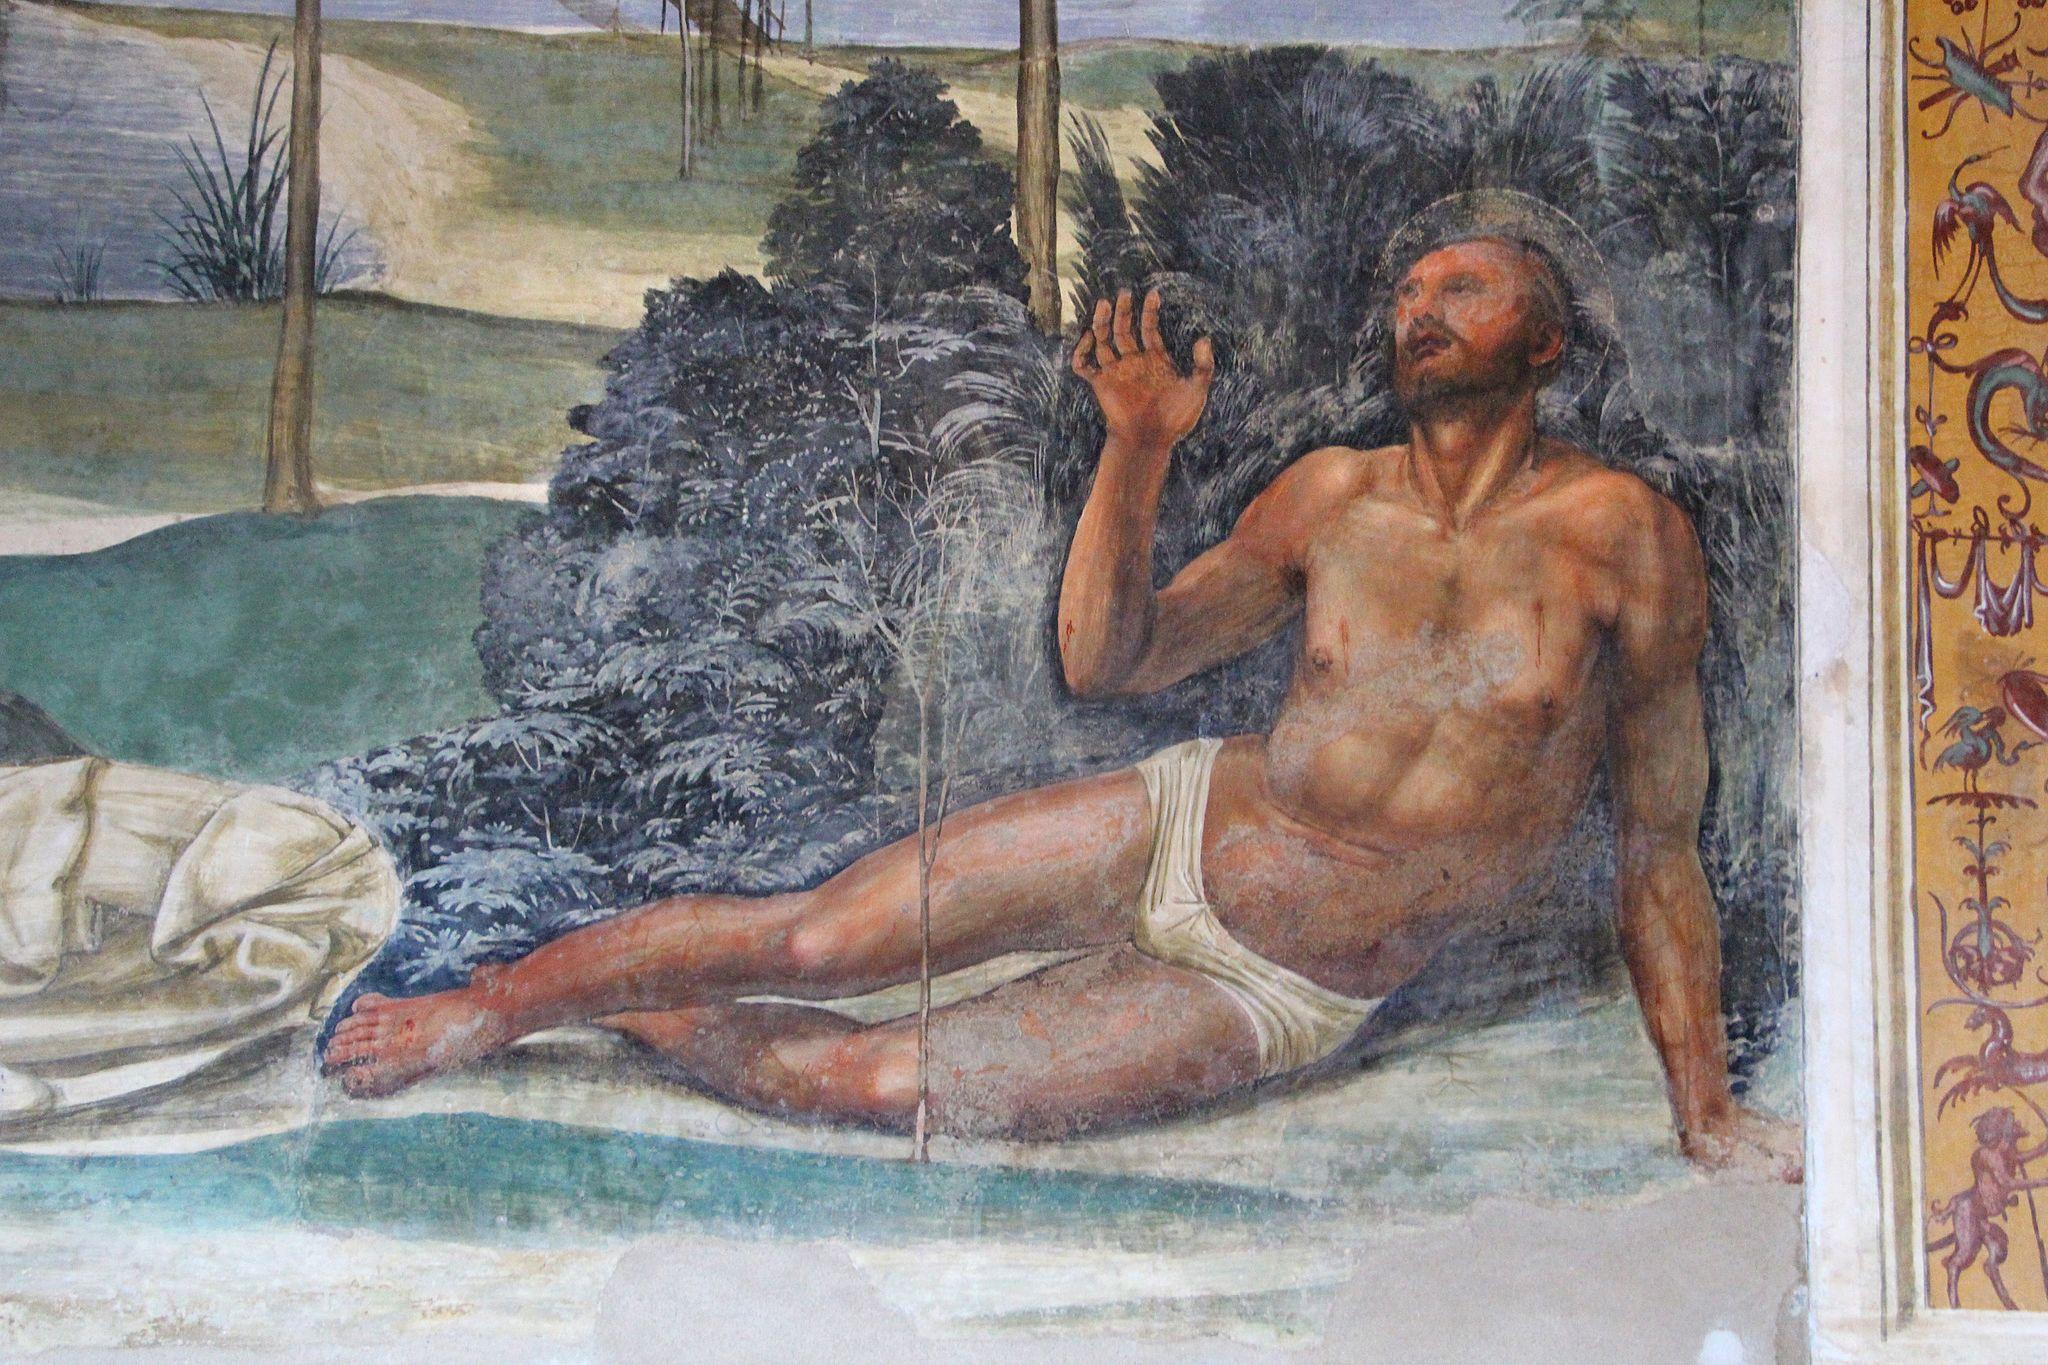 Storie di s. benedetto, 08 sodoma - Come Benedetto tentato d'impurità supera la tentazione 04